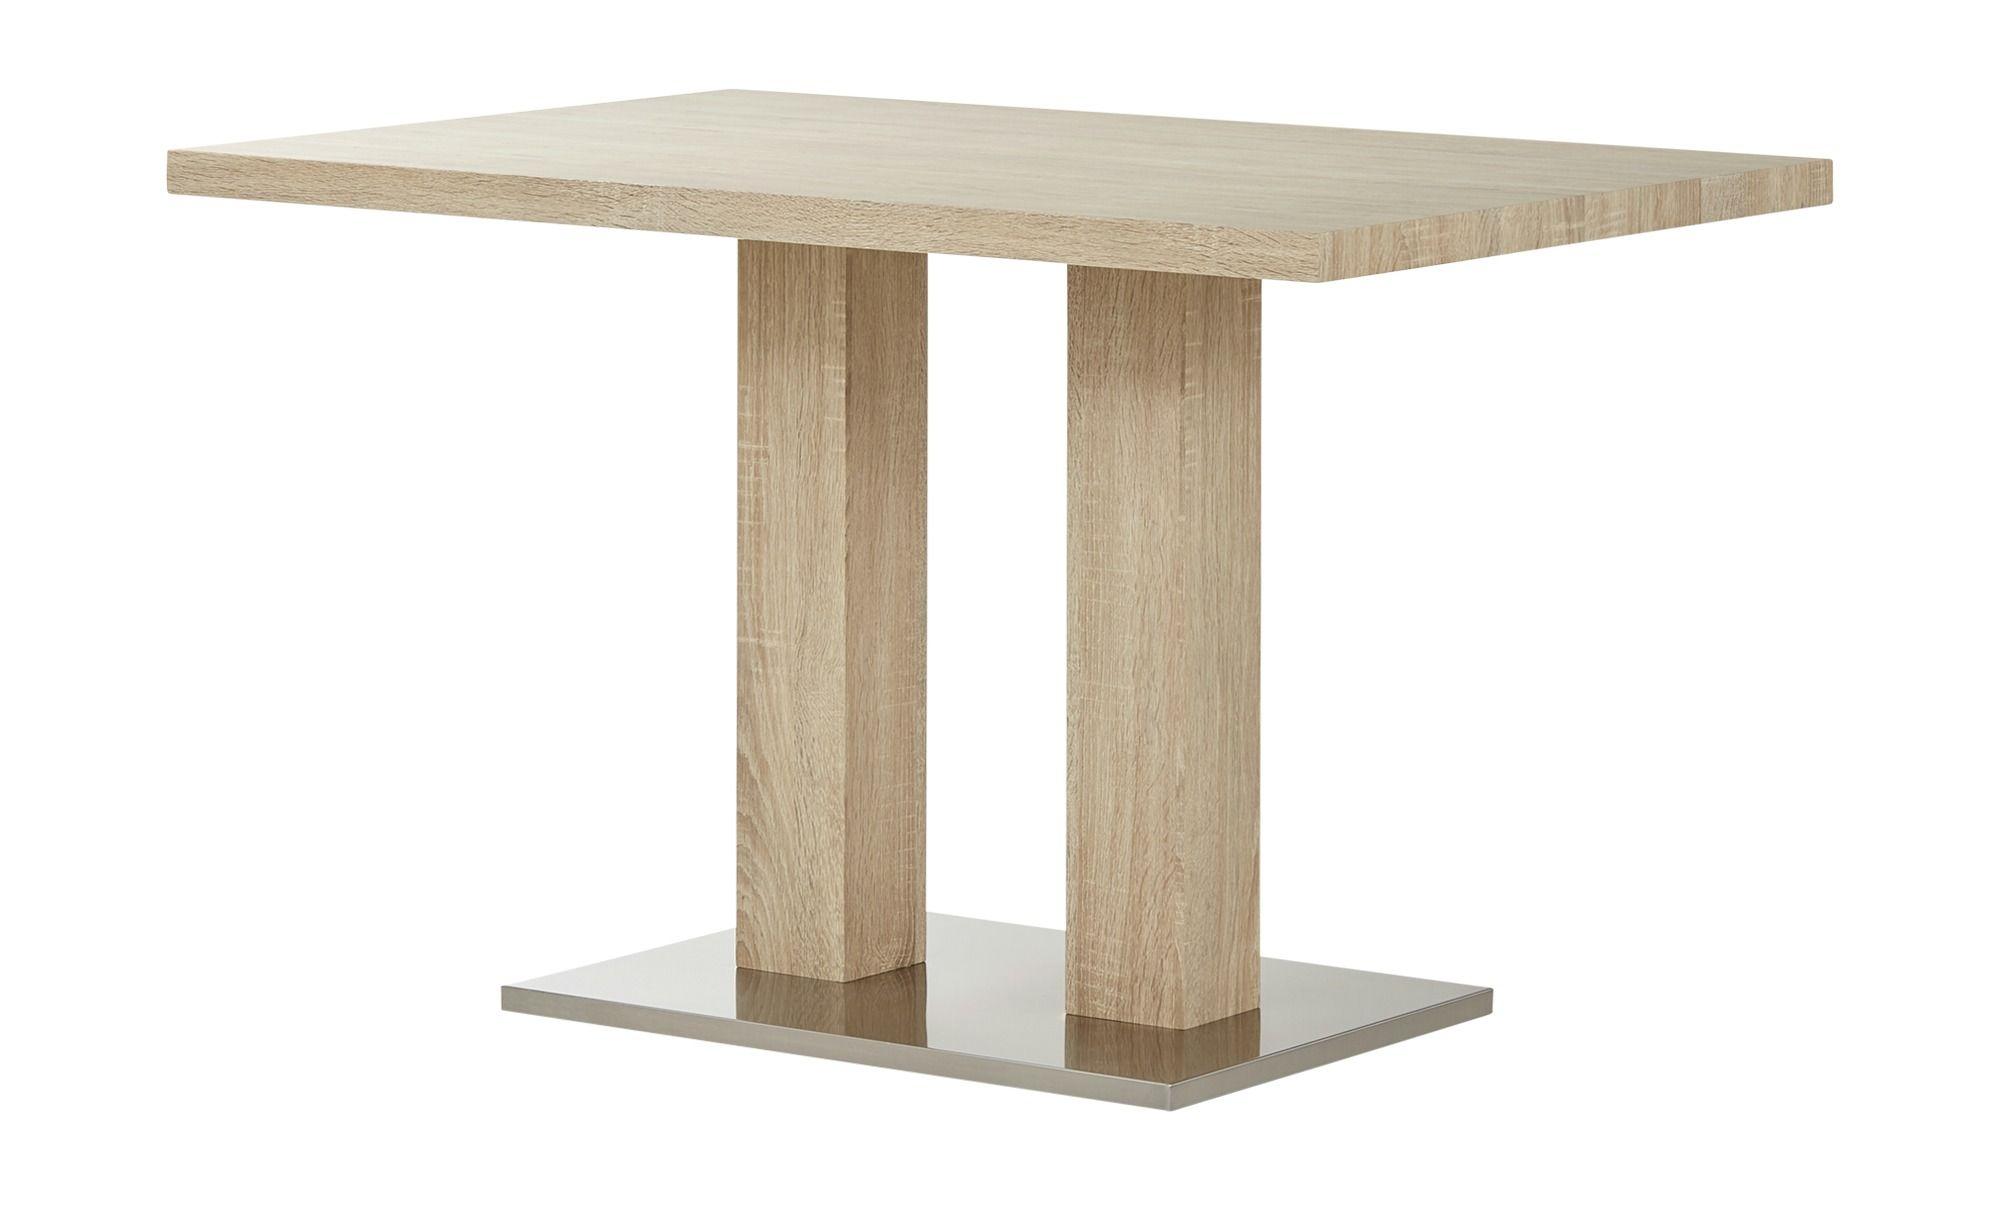 uno Esstisch Drew , gefunden bei Möbel Höffner Esstisch